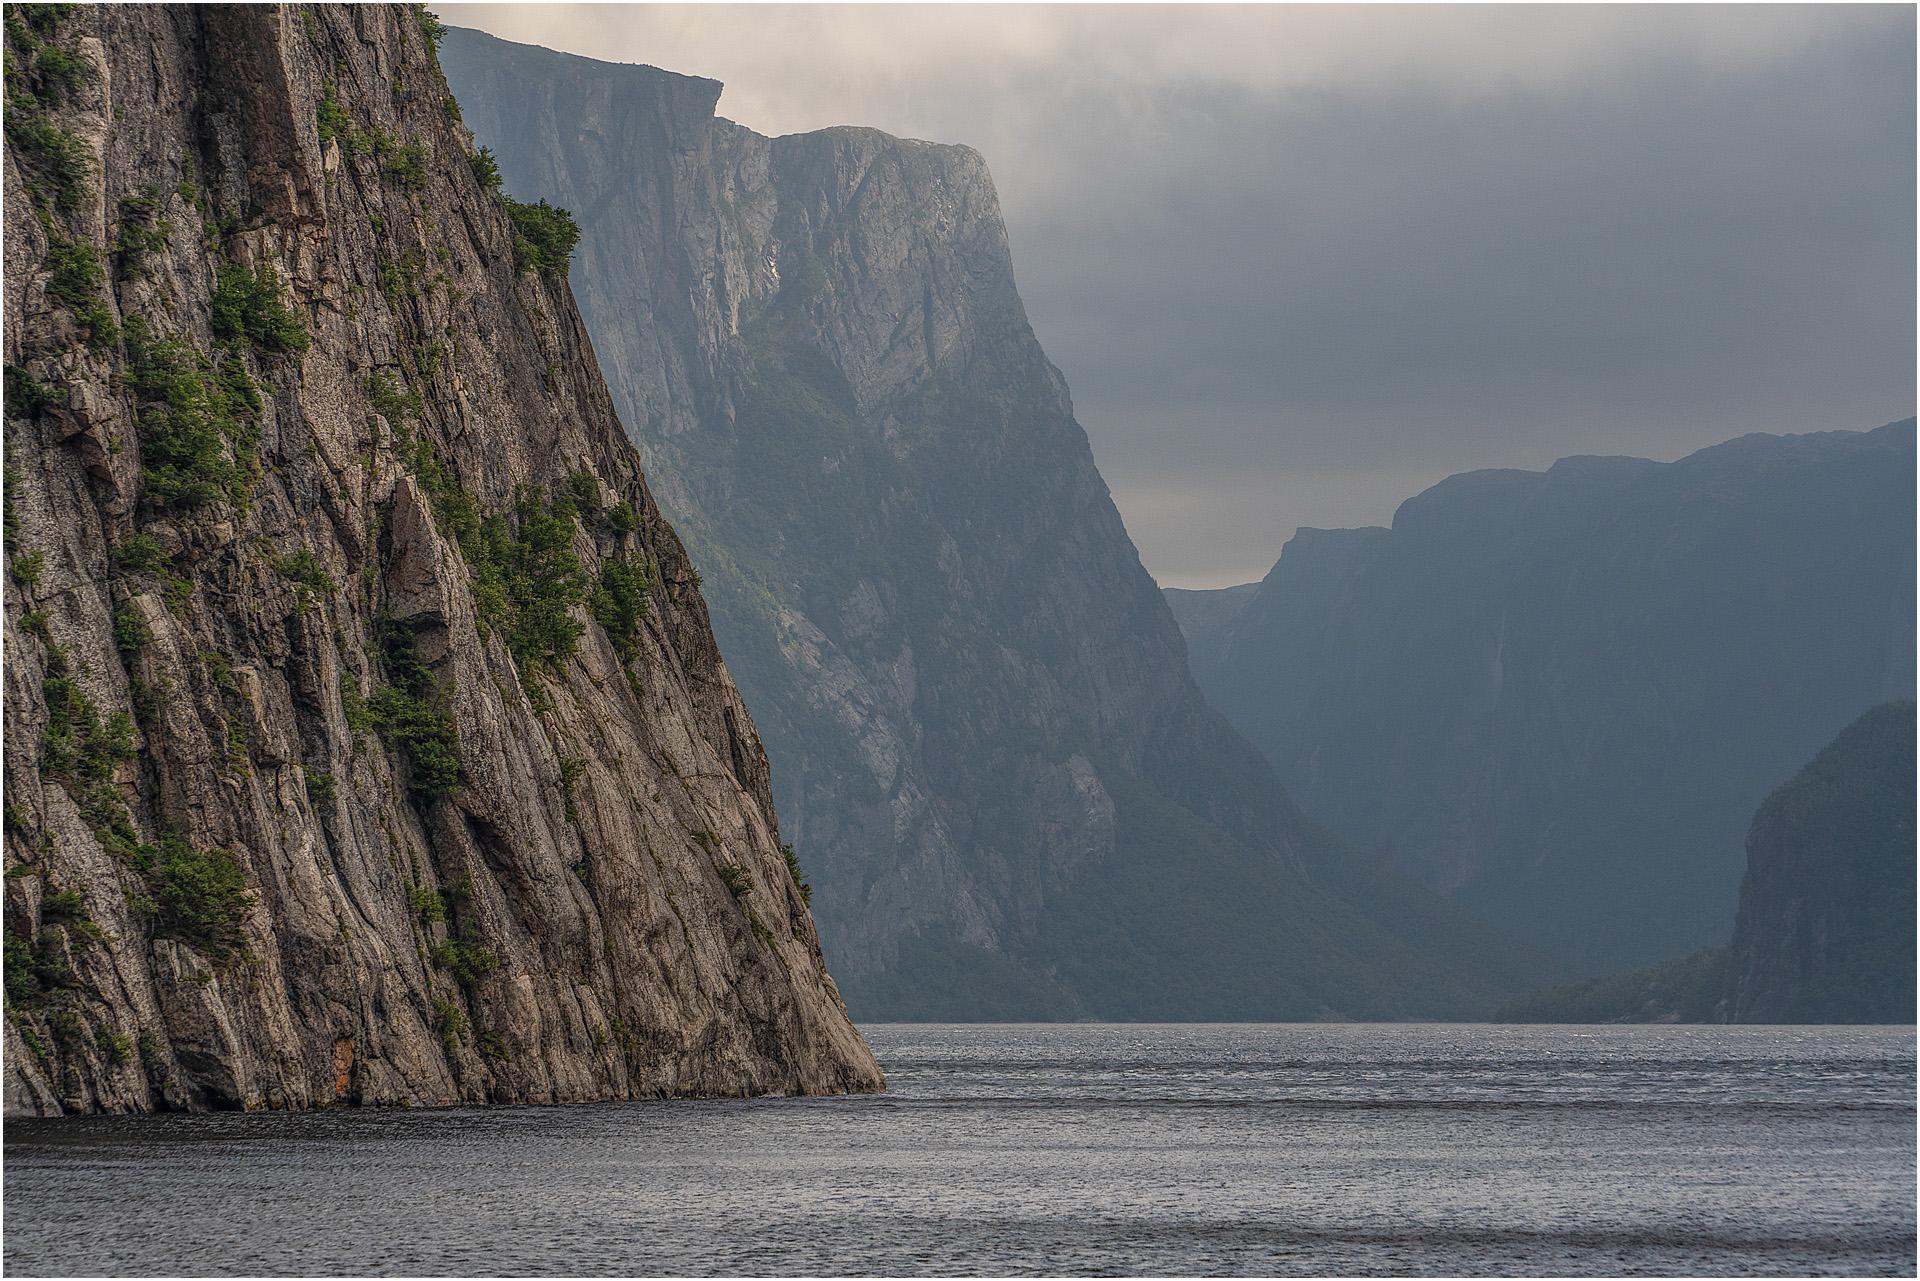 Cliffs, Western Brook Pond, Gros Morne Park,NL © Larry Citra